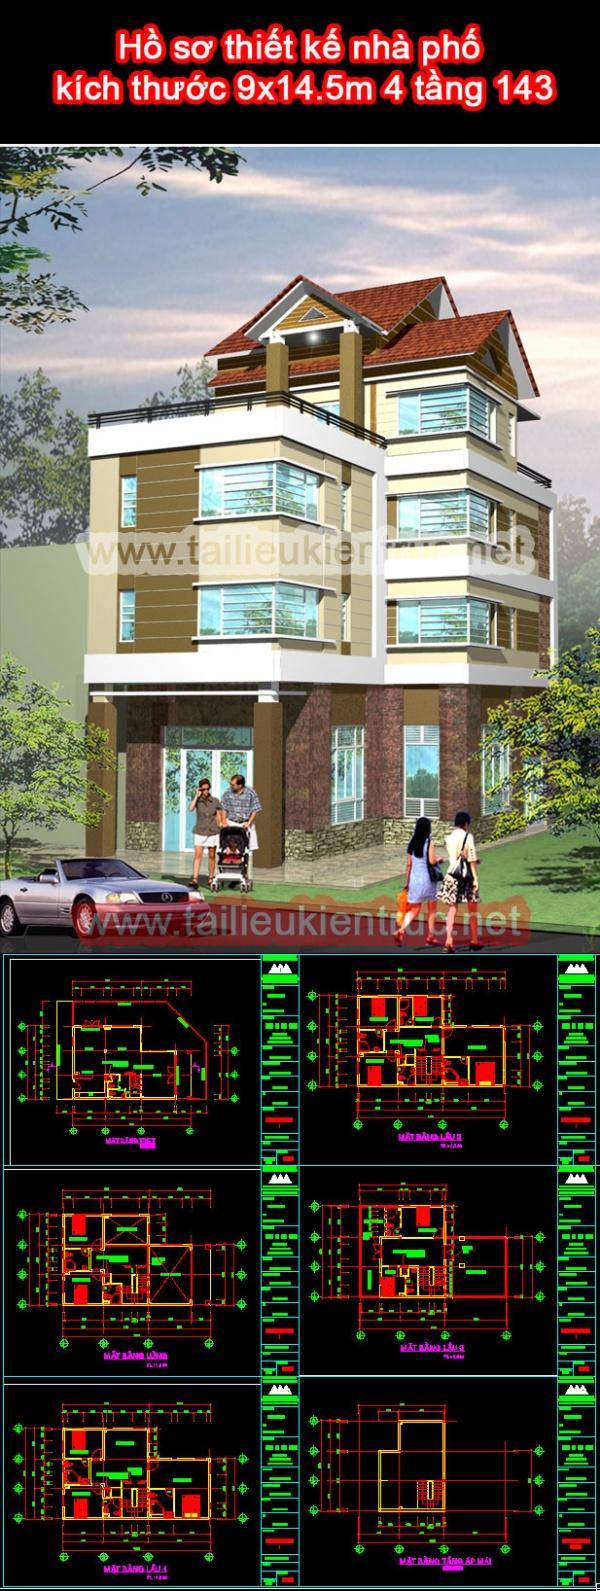 Hồ sơ thiết kế nhà phố kích thước 9x14.5m 4 tầng 143